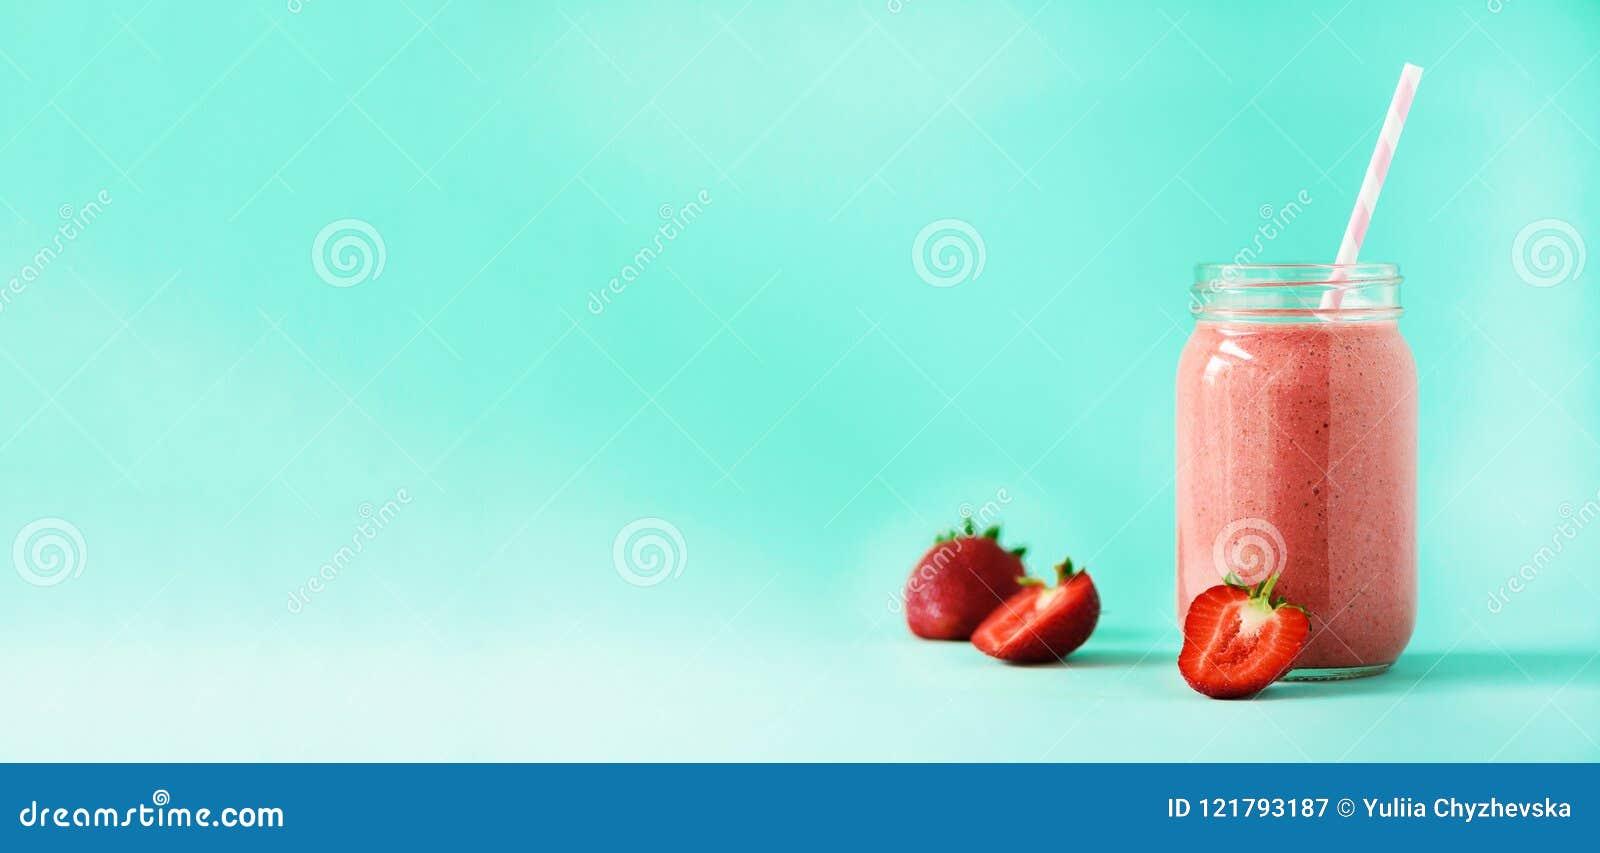 有素食主义者草莓圆滑的人的瓶在与拷贝空间的蓝色背景 钞票 夏天食物概念,素食主义者饮食 桃红色